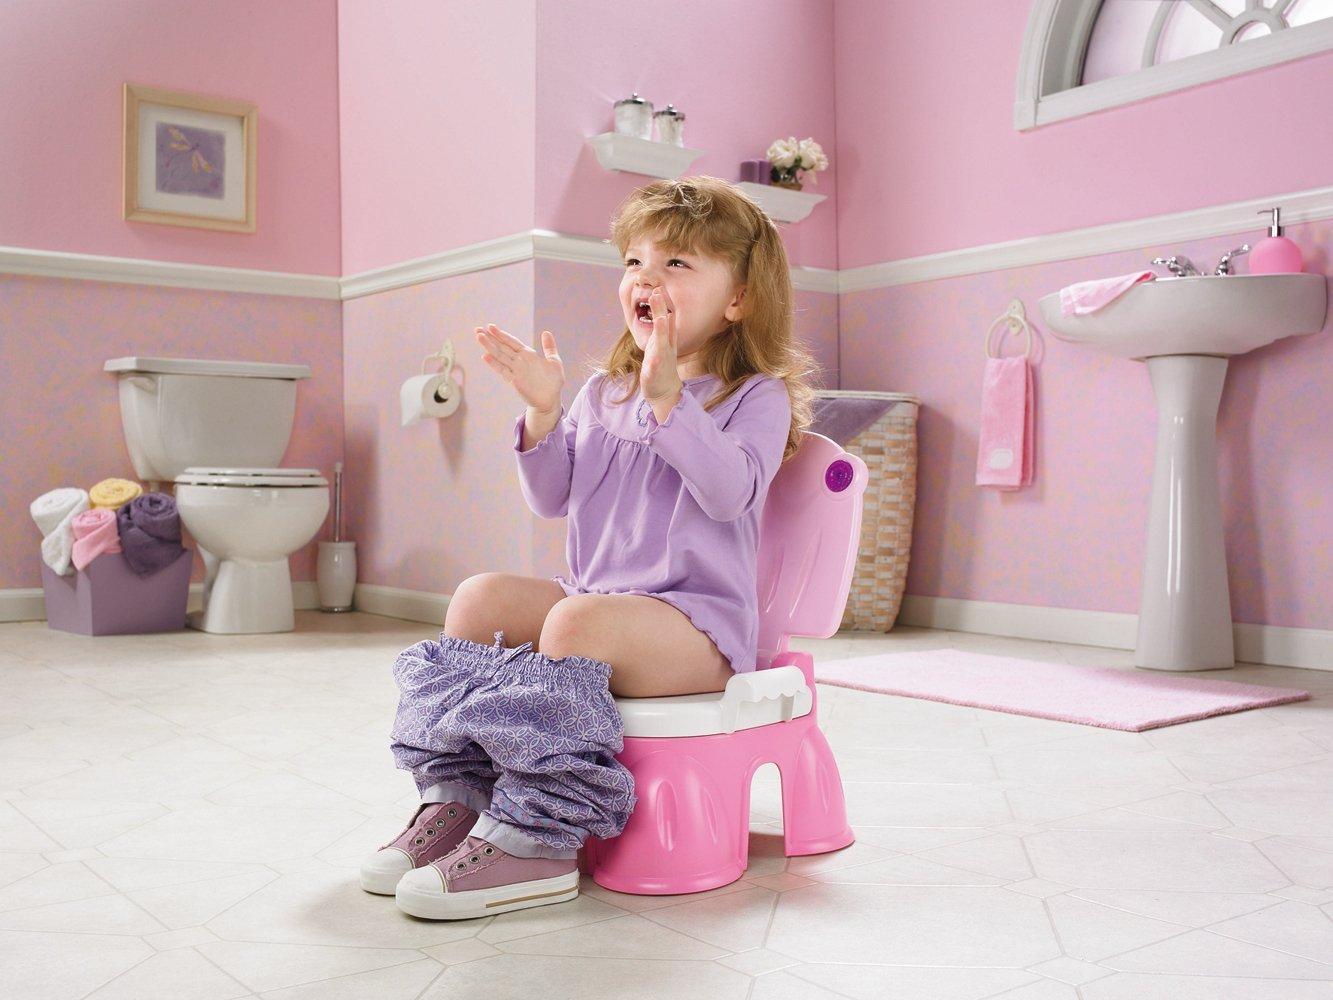 Туалеты девочек писающих 17 фотография